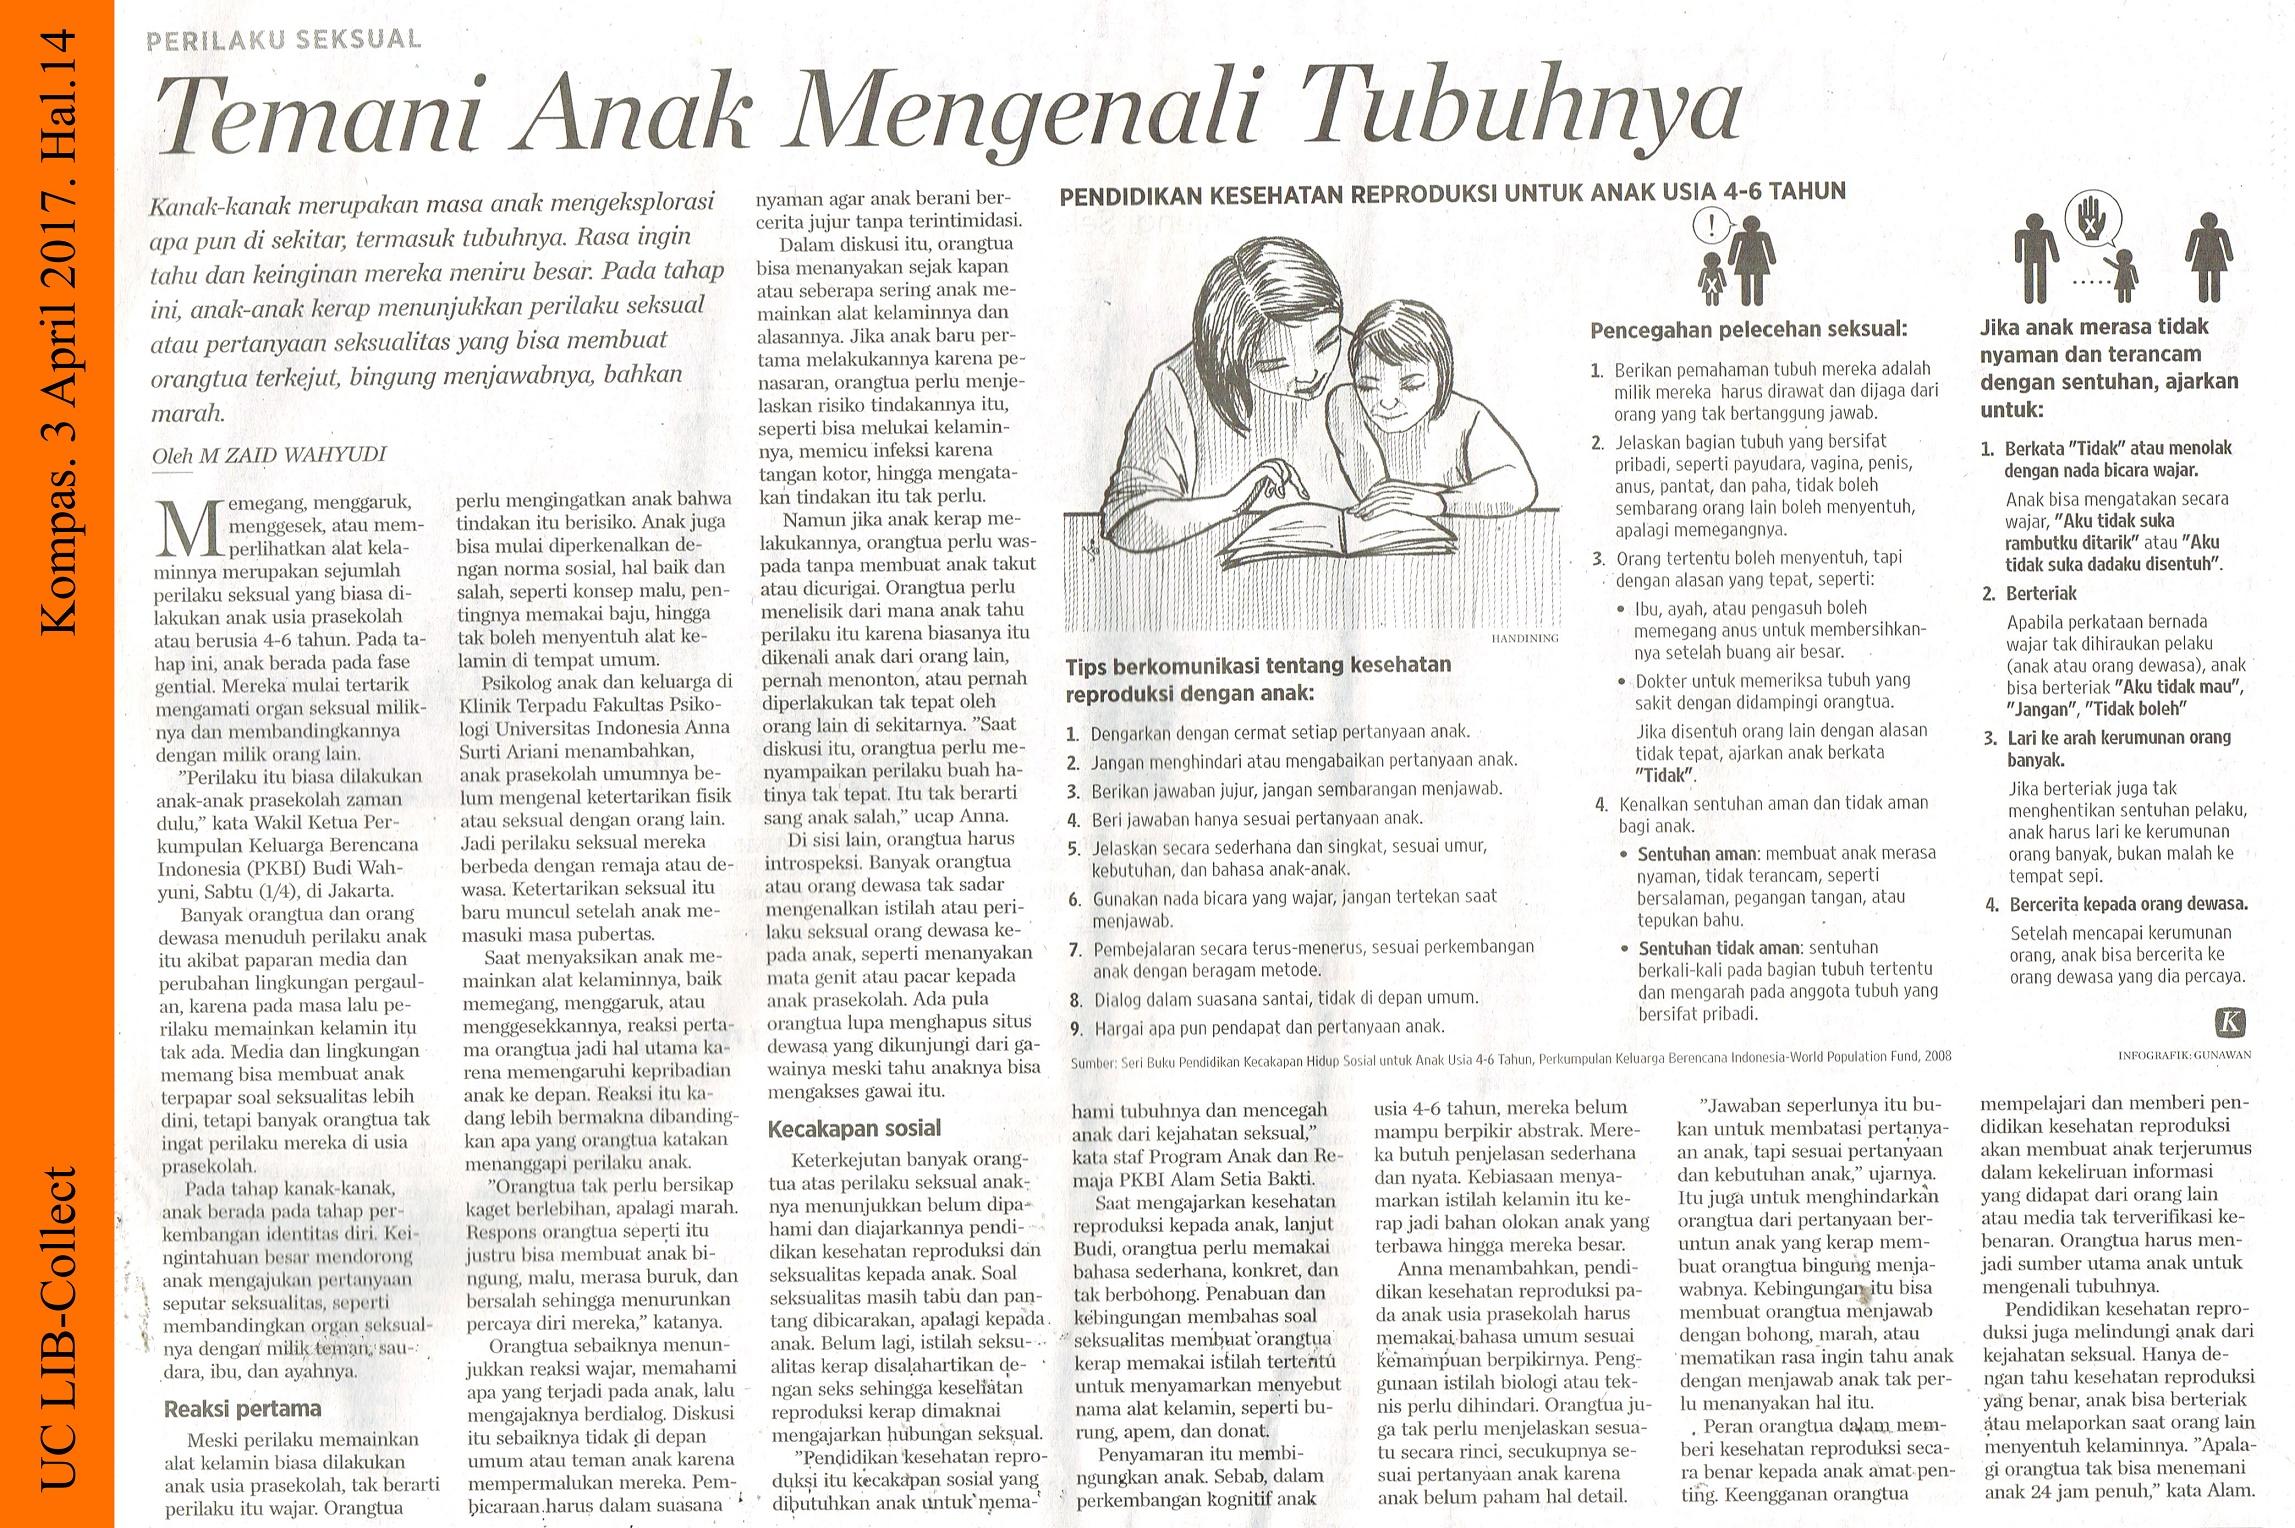 Temani Anak Mengenali Tubuhnya. Kompas. 3 April 2017. Hal.14